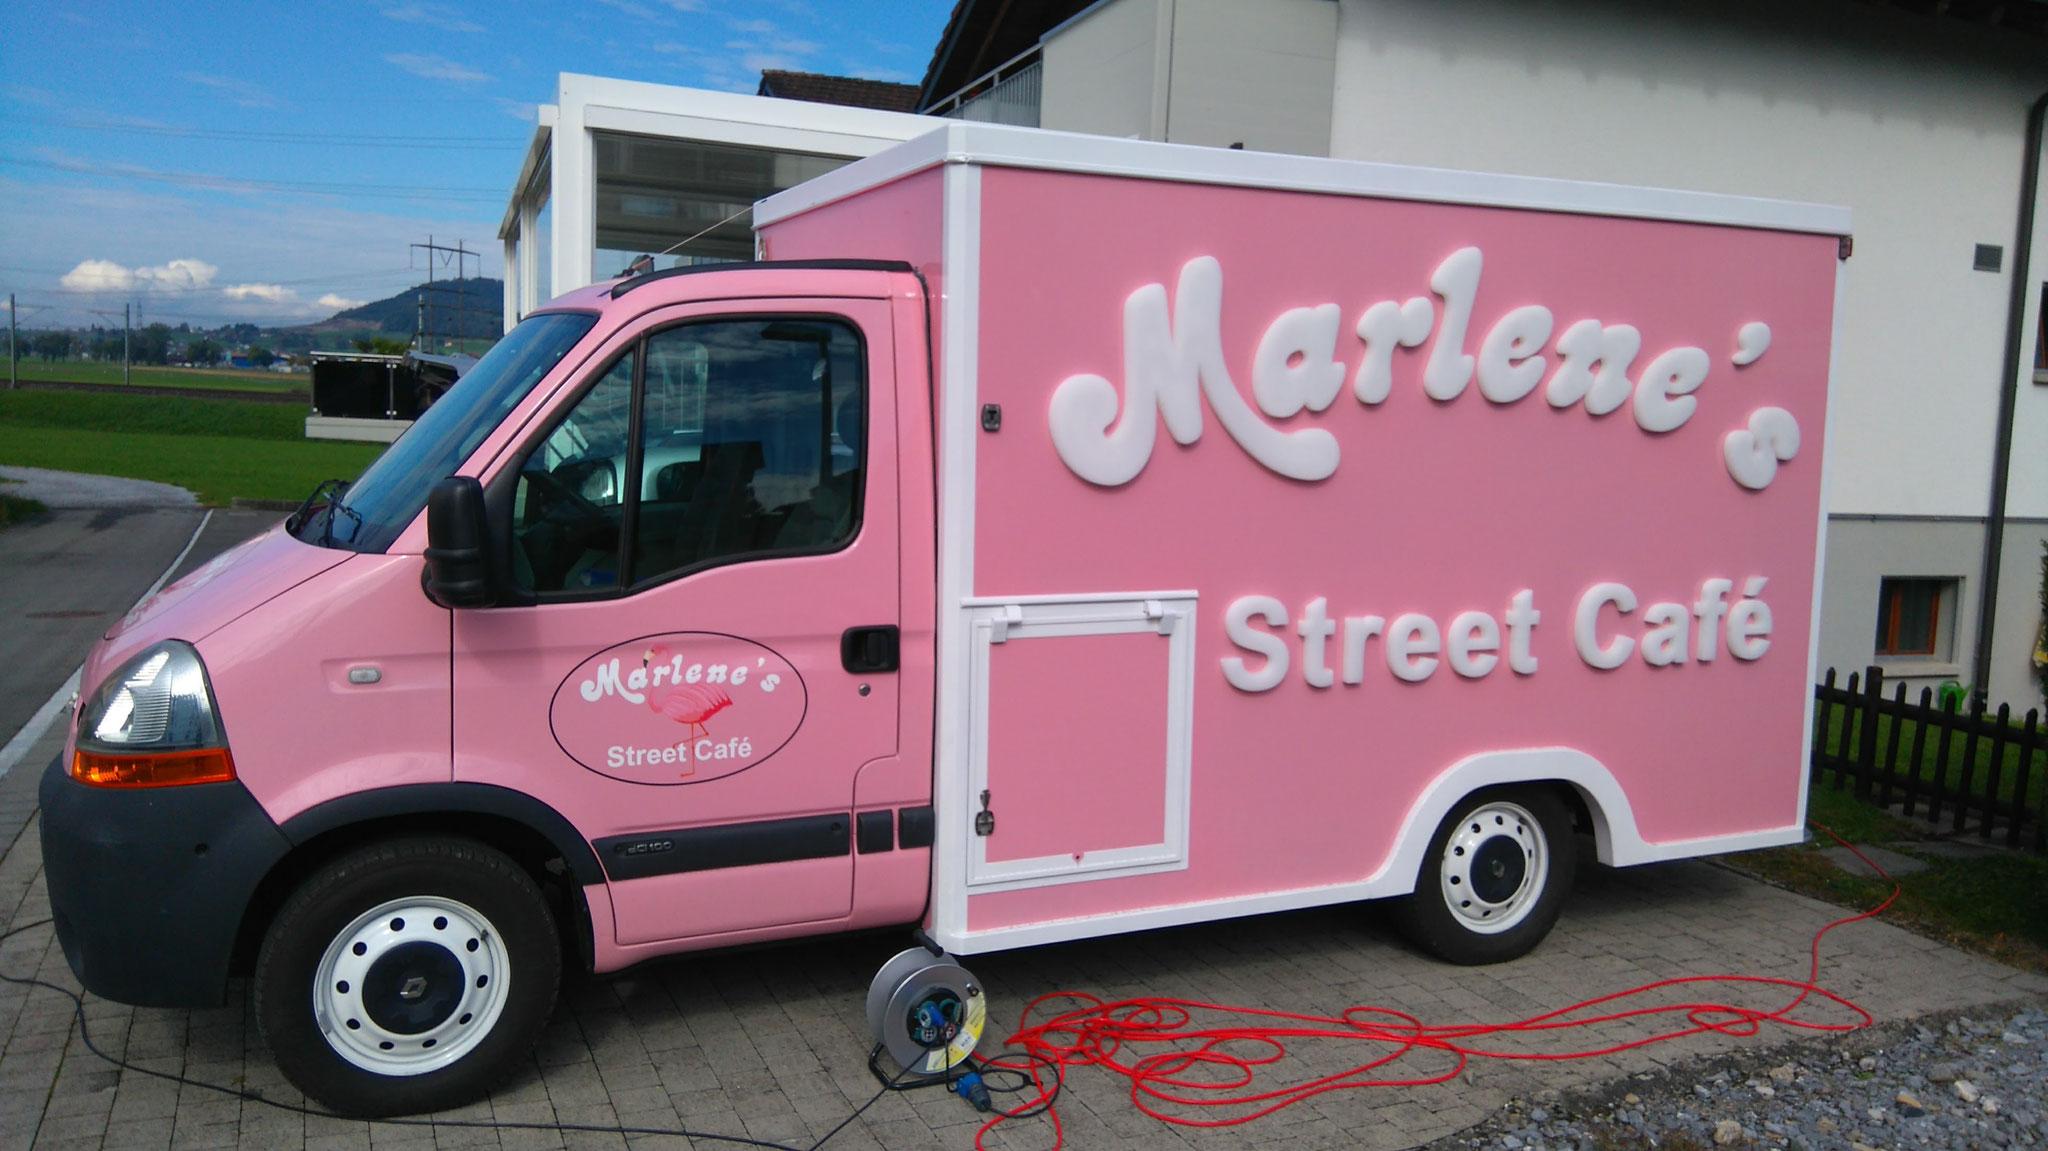 Beschriftung Marlenes Street Café